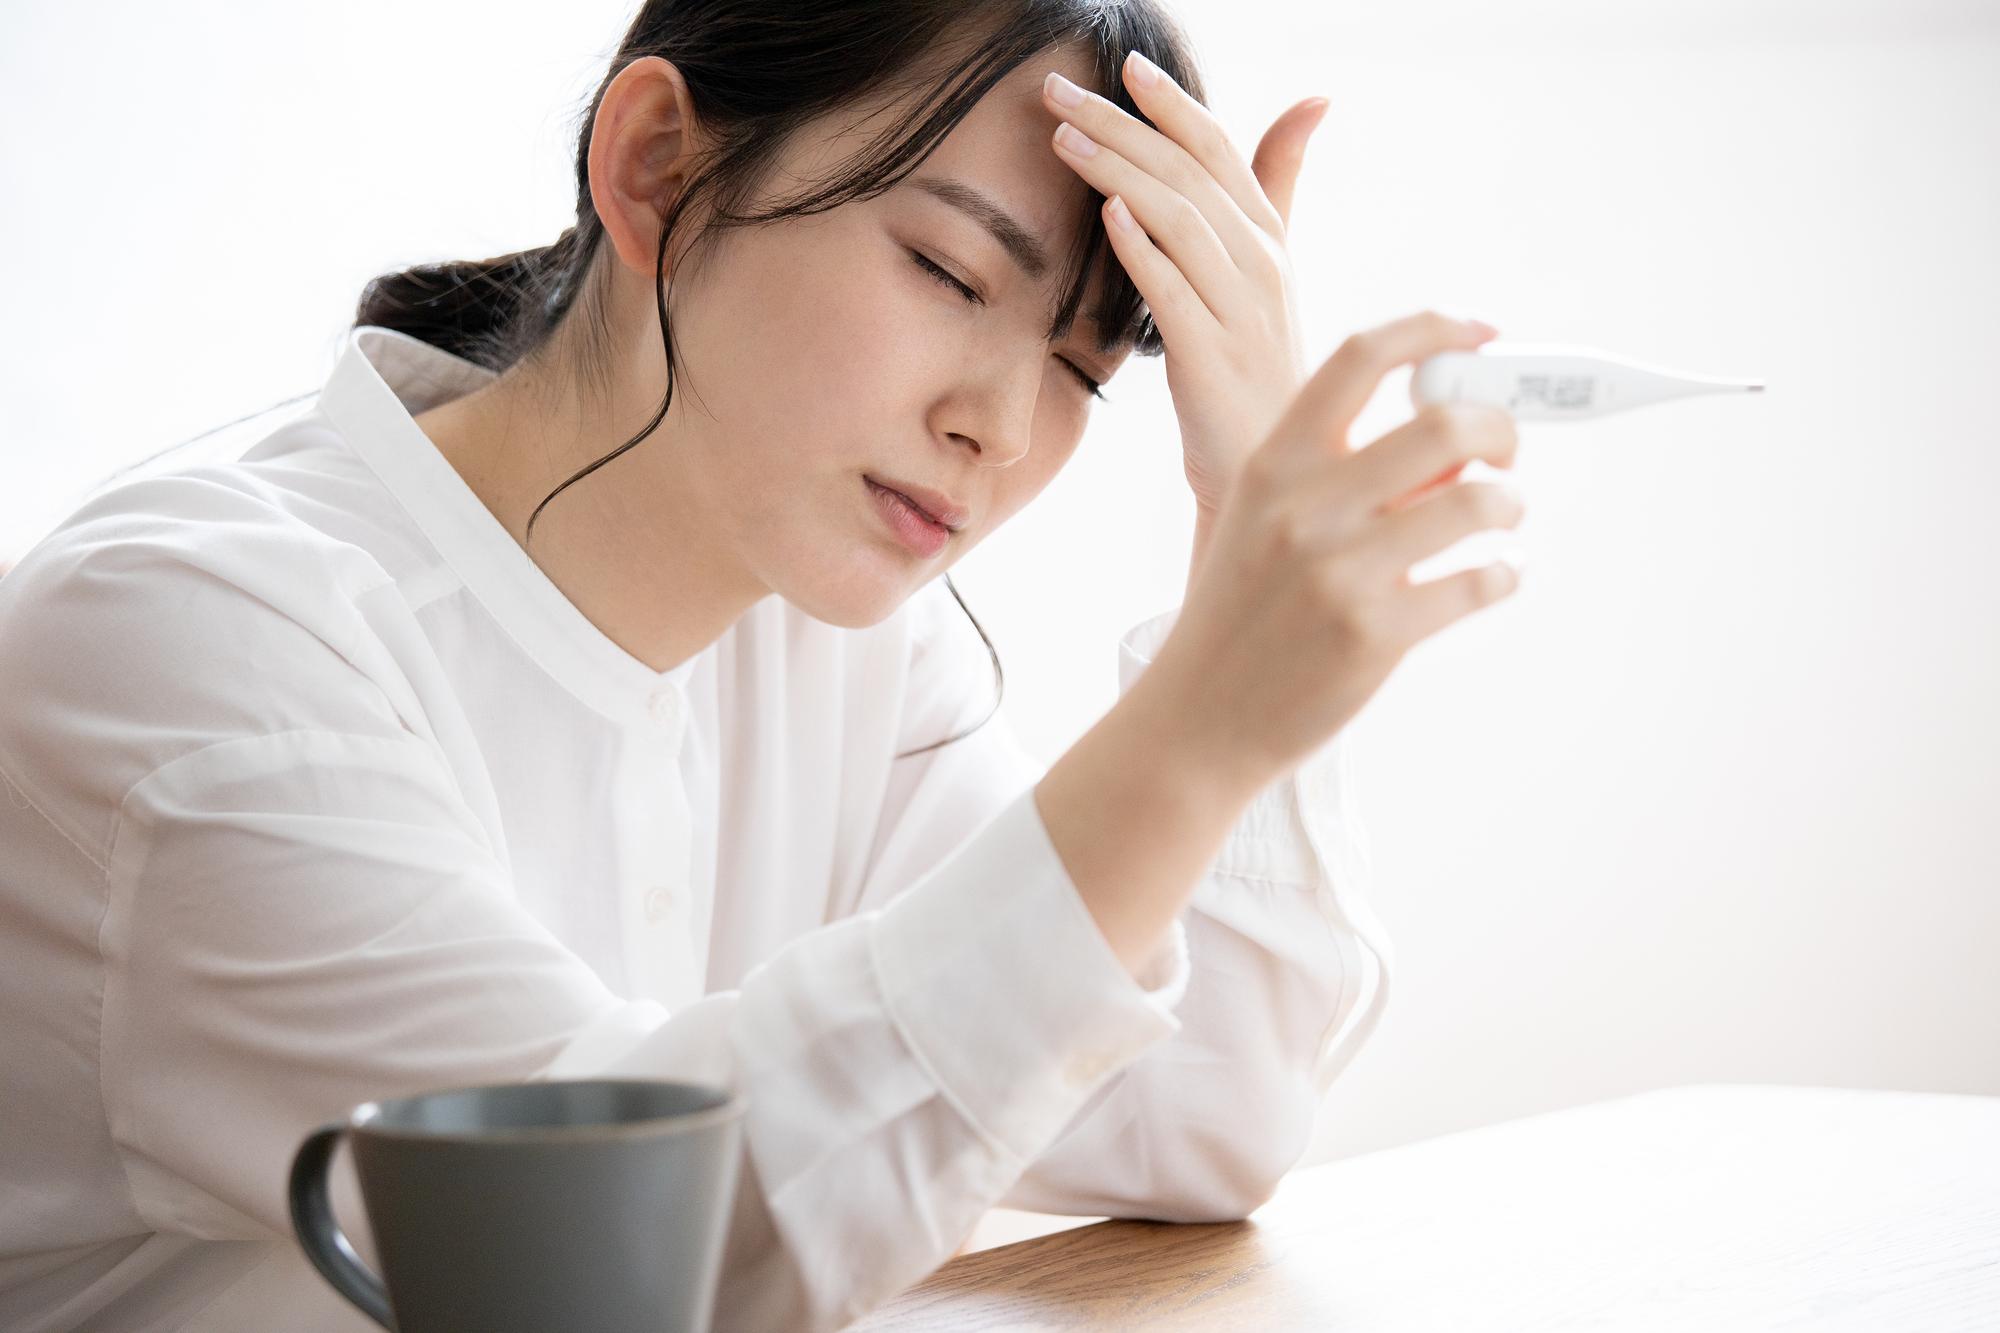 初期 寒気 超 妊娠 症状